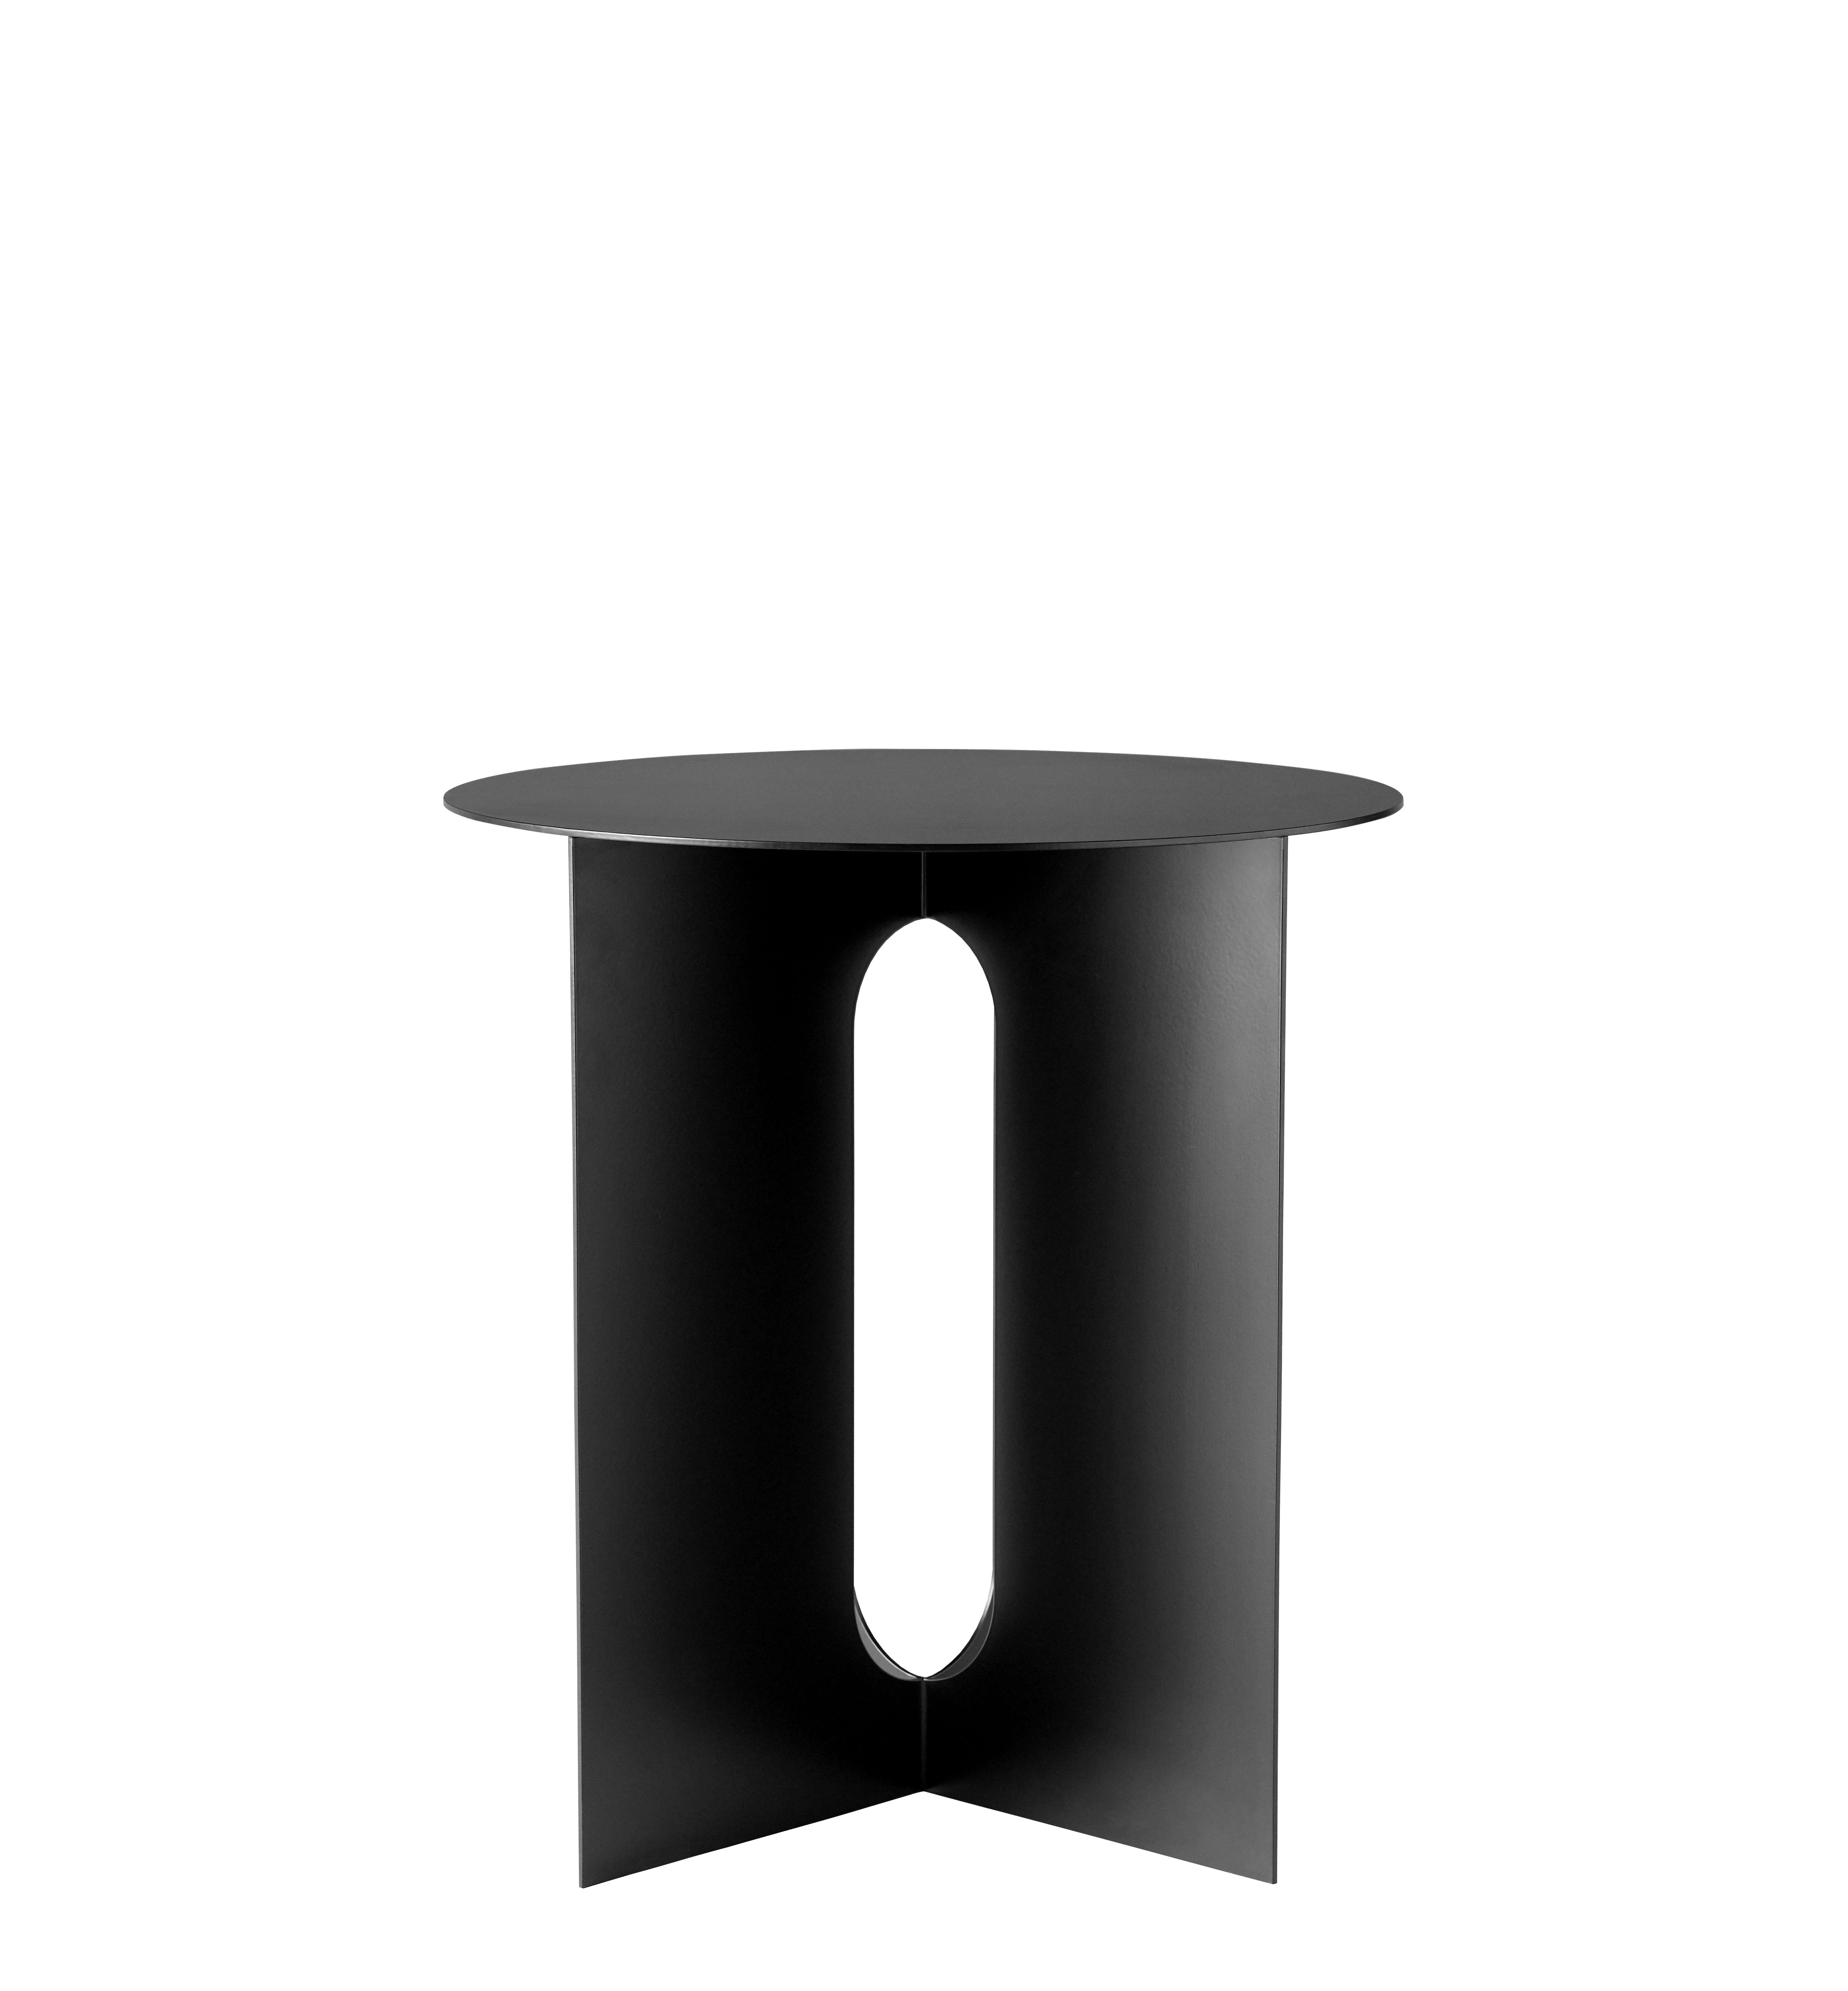 Mobilier - Tables basses - Table d'appoint Androgyne / Acier - Menu - Table / Acier noir - Acier époxy